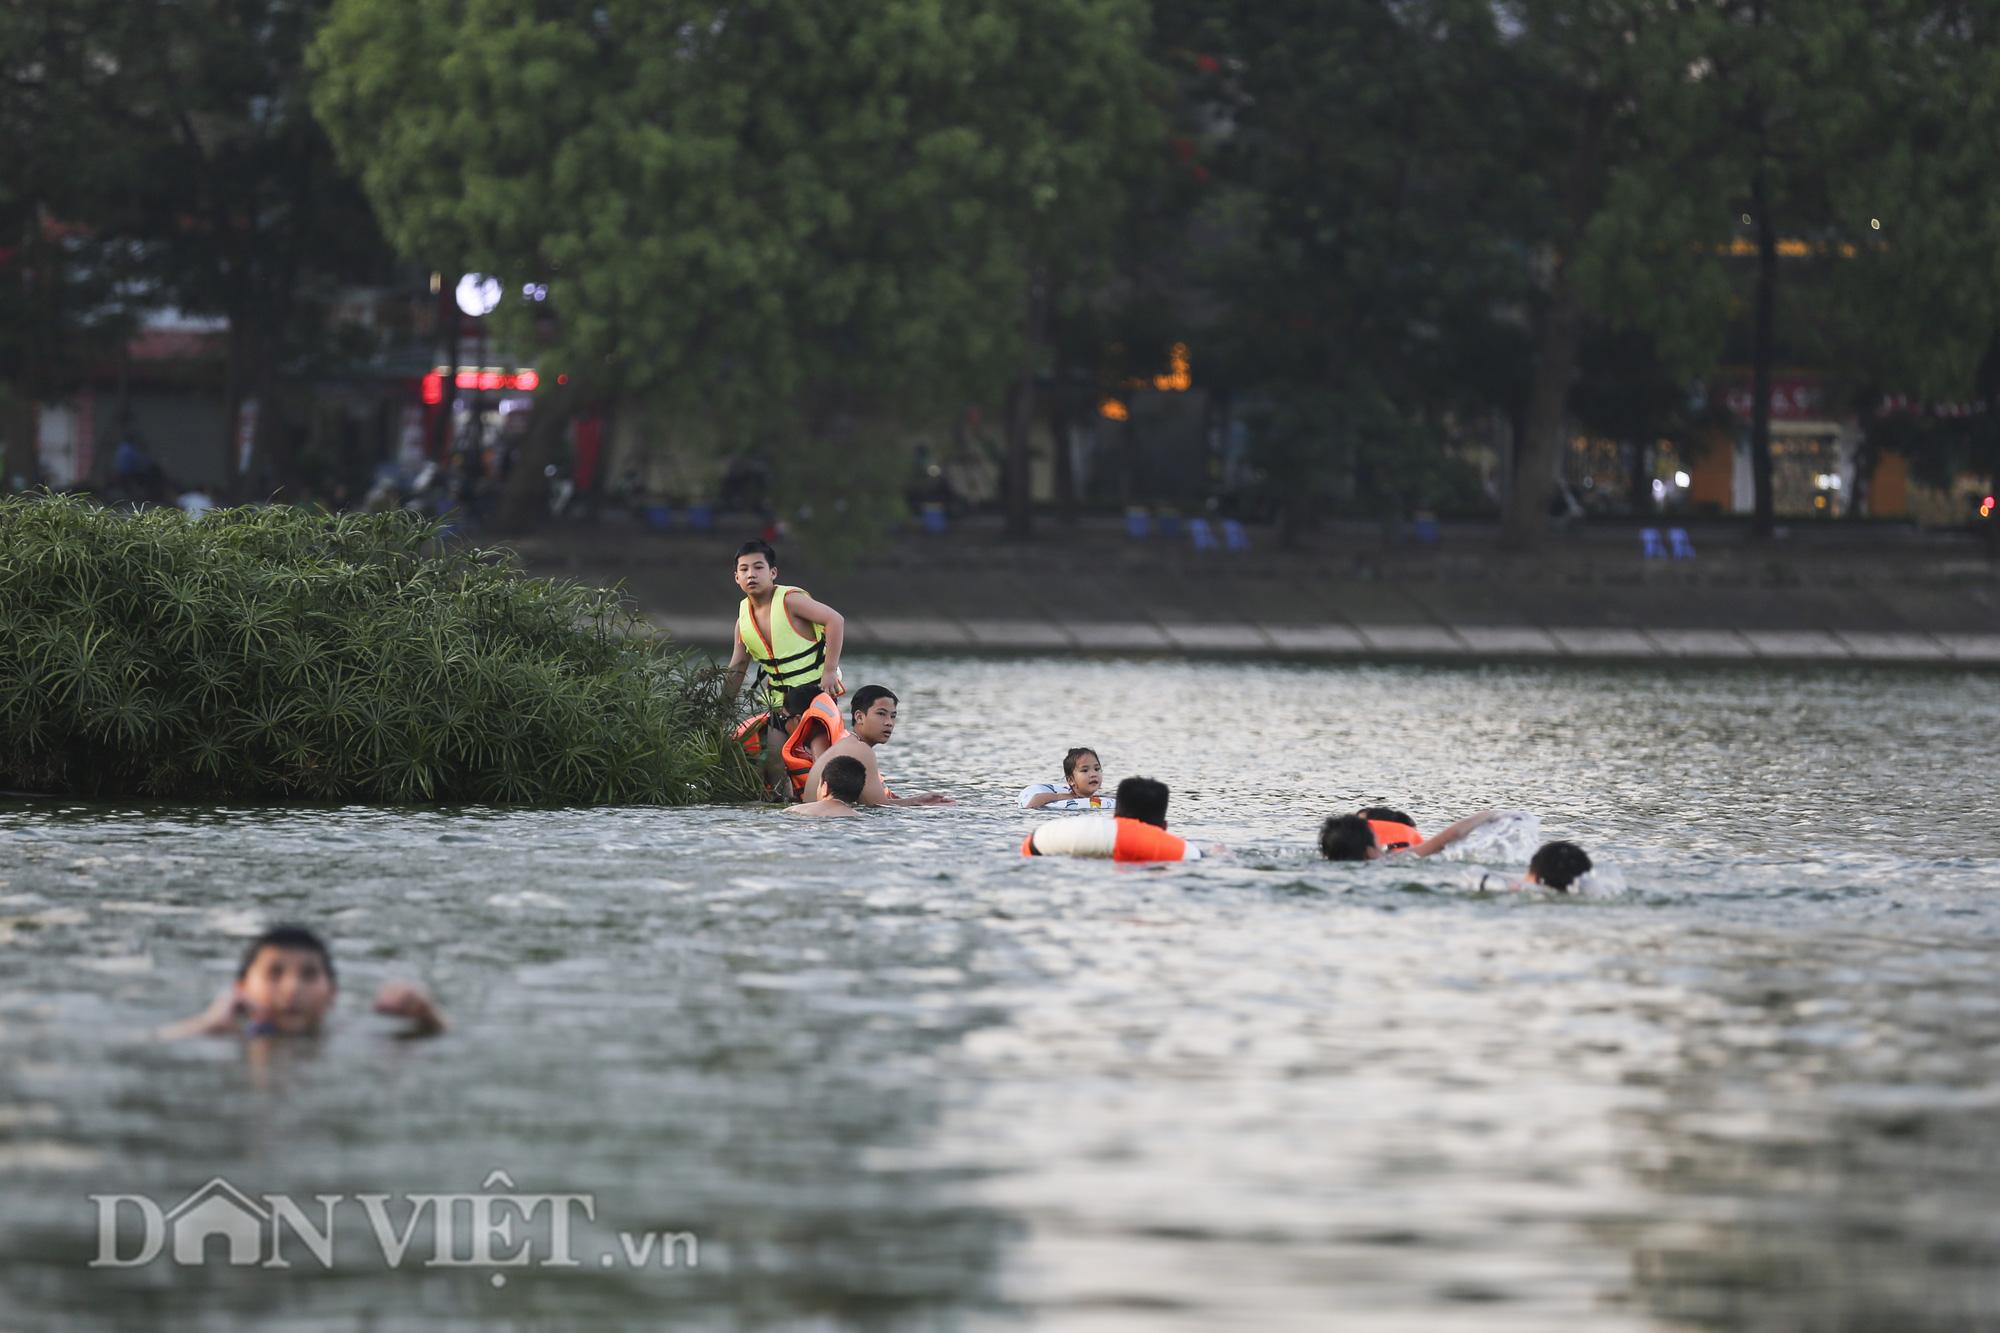 """Bất chấp cảnh báo """"nguy hiểm"""", người Hà Nội vẫn xuống hồ tắm giải nhiệt - Ảnh 5."""